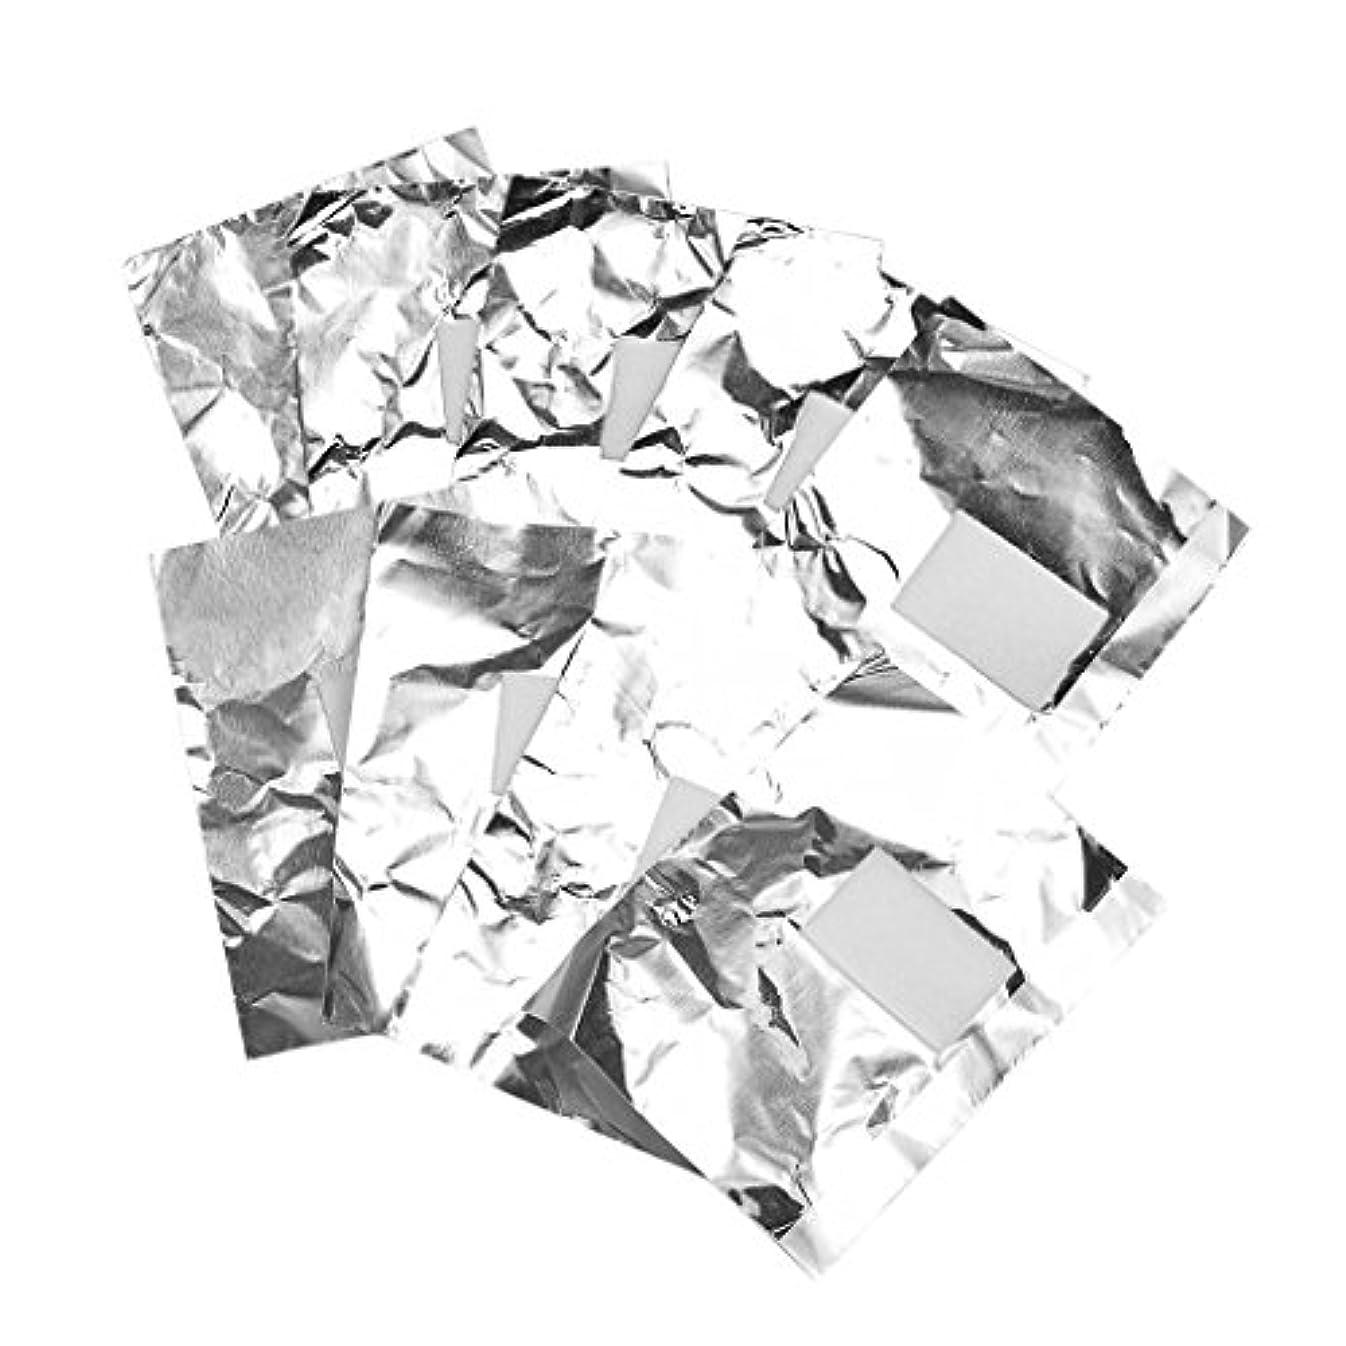 イブプラカード人工Perfk 約100枚 ジェル除却 ネイルアート 錫箔紙 のり除却可能 ネイルオイル クリーナーツール 爪装飾除き 包み紙